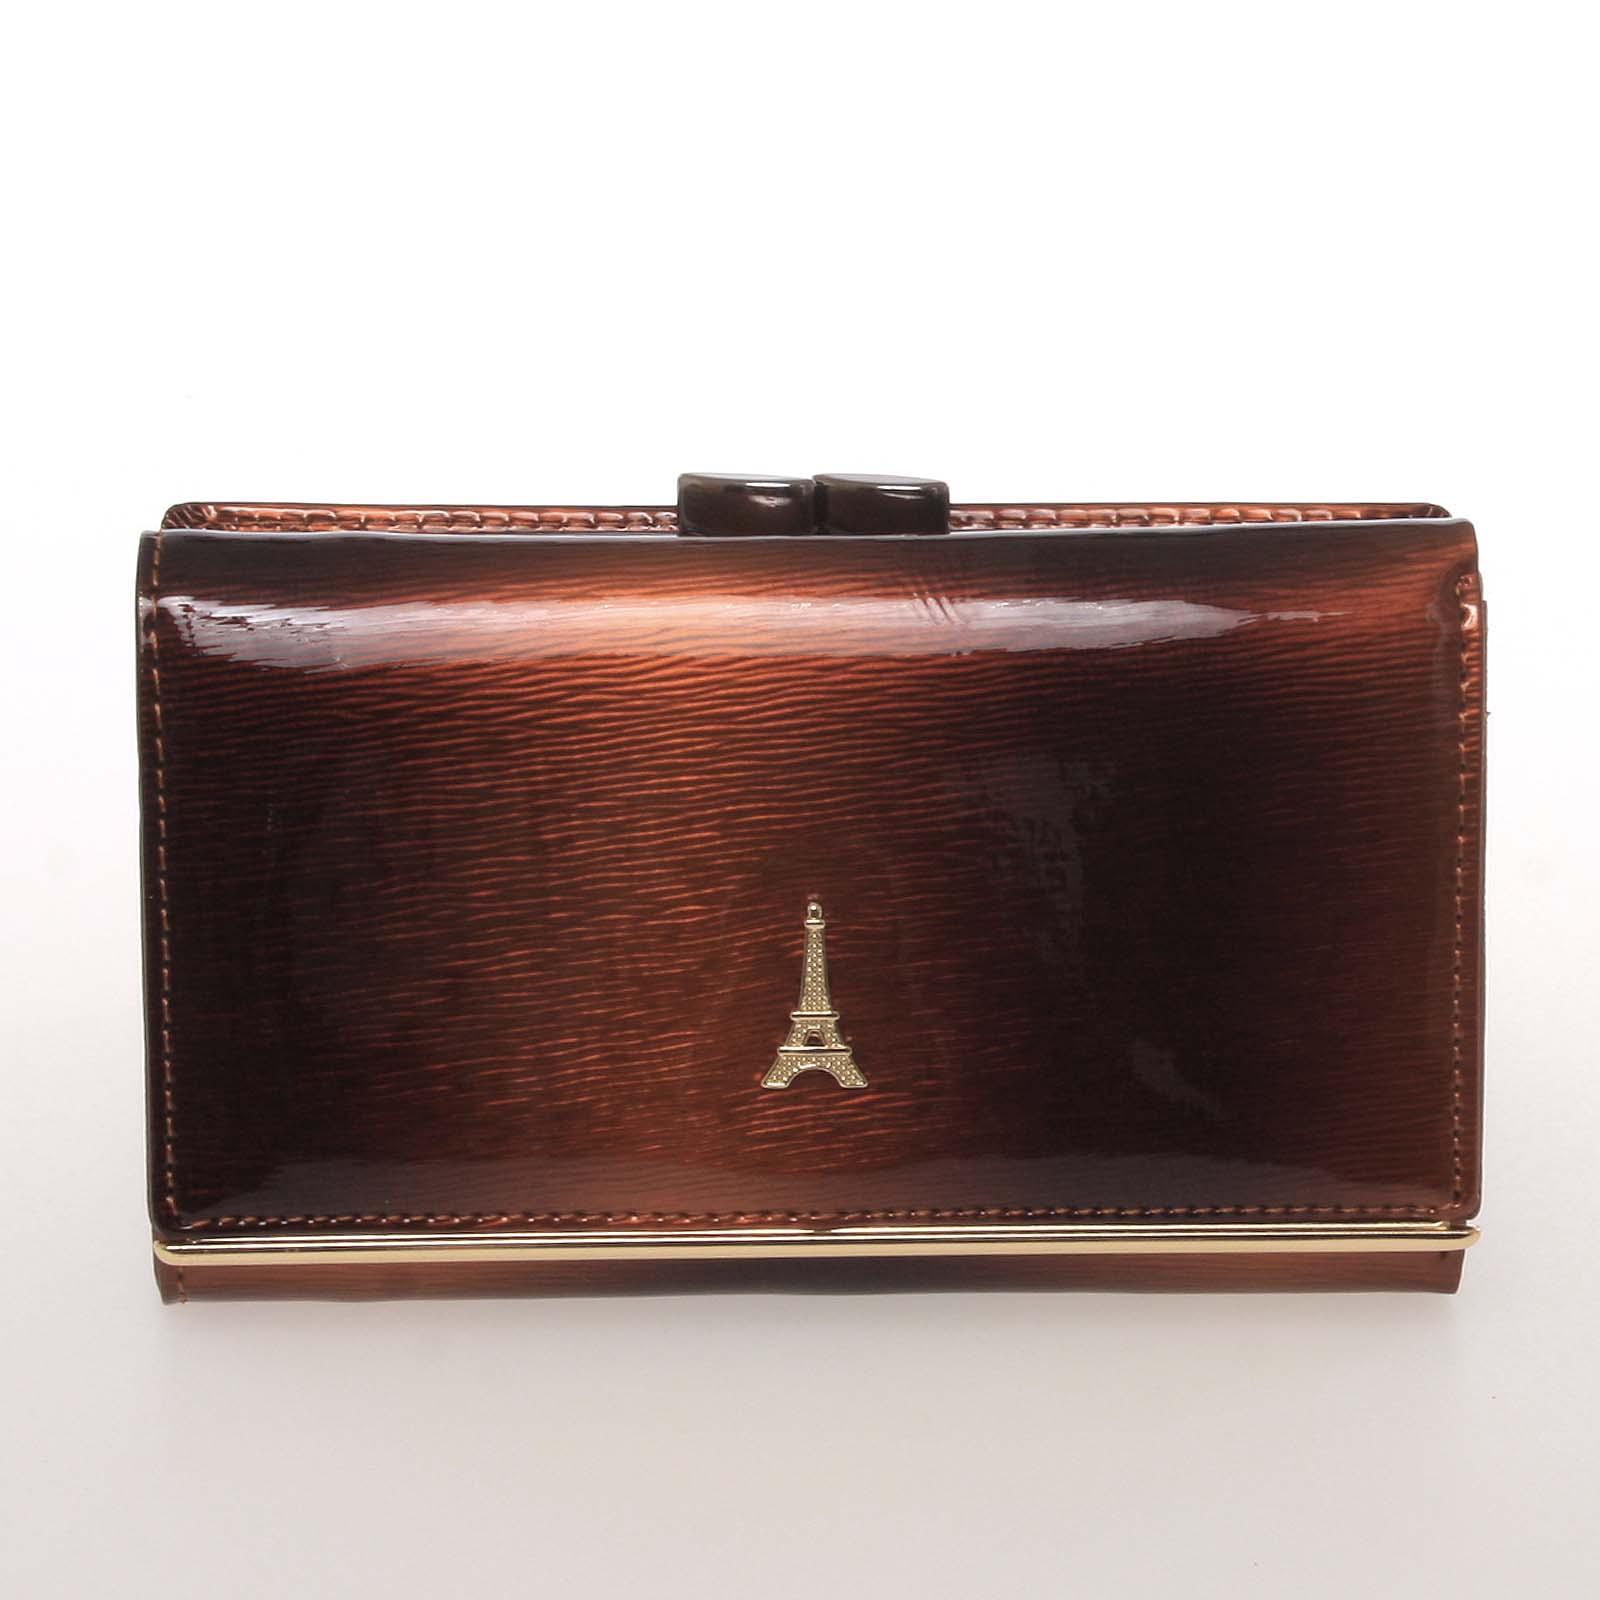 Exkluzivní střední kožená dámská peněženka hnědá - PARIS 55020DSHK